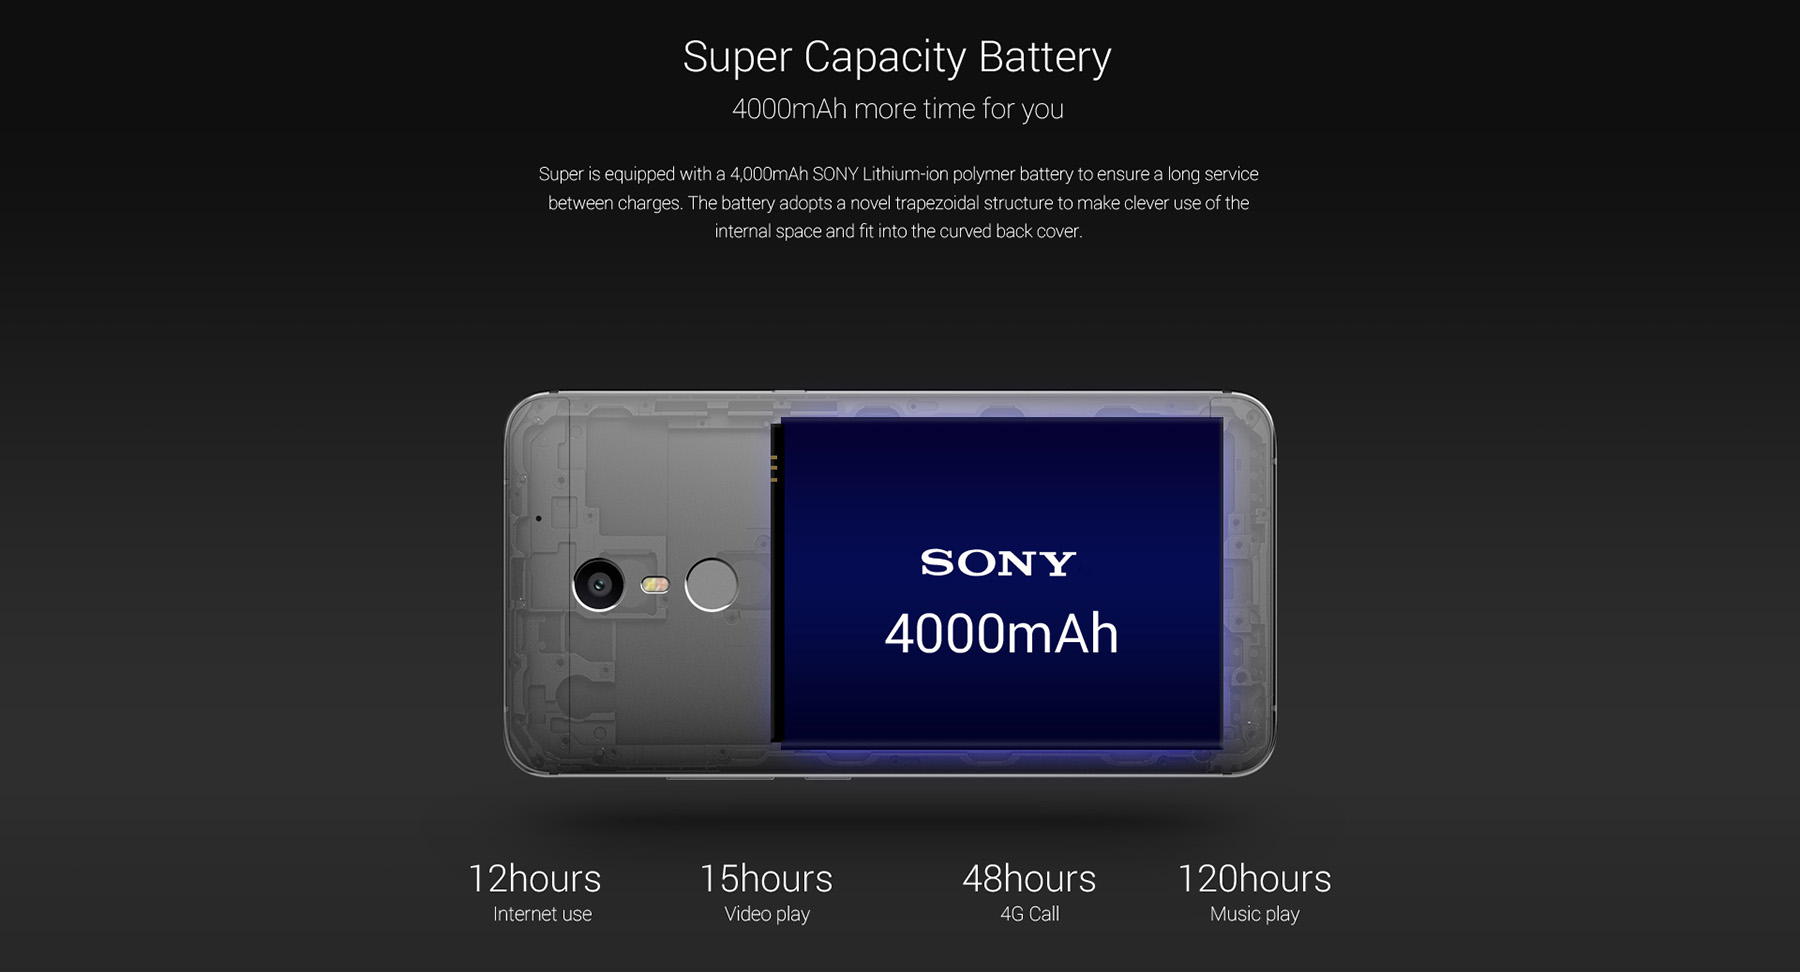 Umi Super – 4 GB RAM, LTE a dobrá cena [sponzorovaný článek]